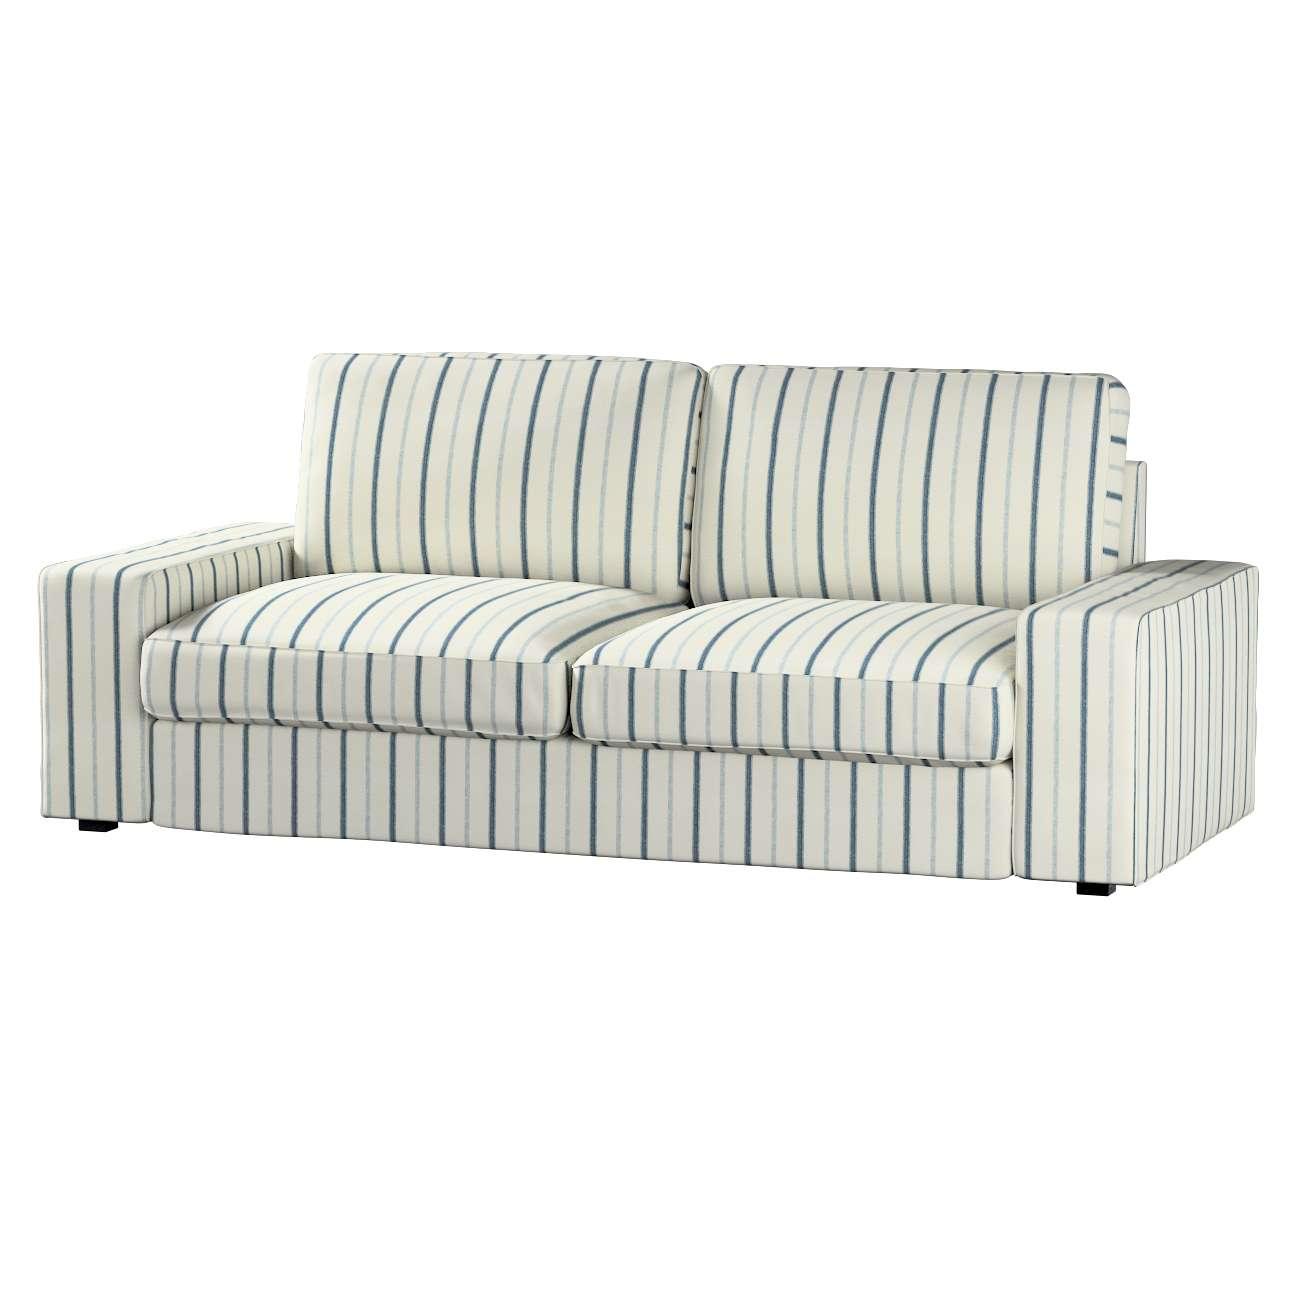 Pokrowiec na sofę Kivik 3-osobową, rozkładaną w kolekcji Avinon, tkanina: 129-66